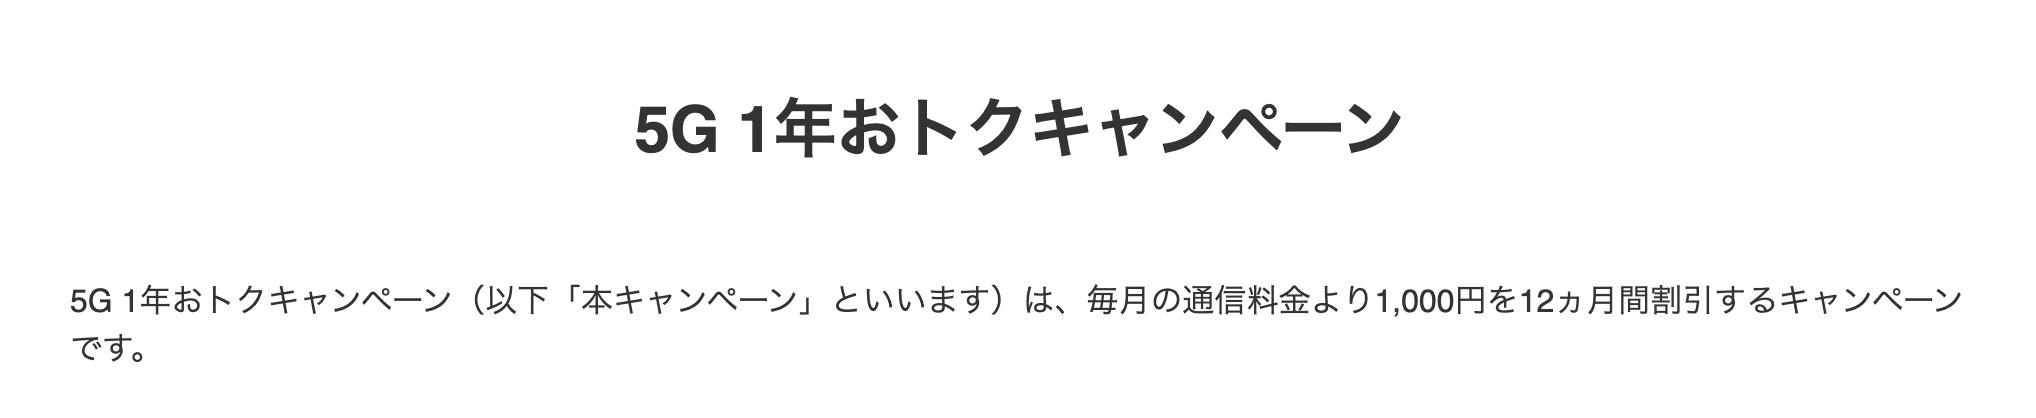 ソフトバンク 5G1年おトクキャンペーン